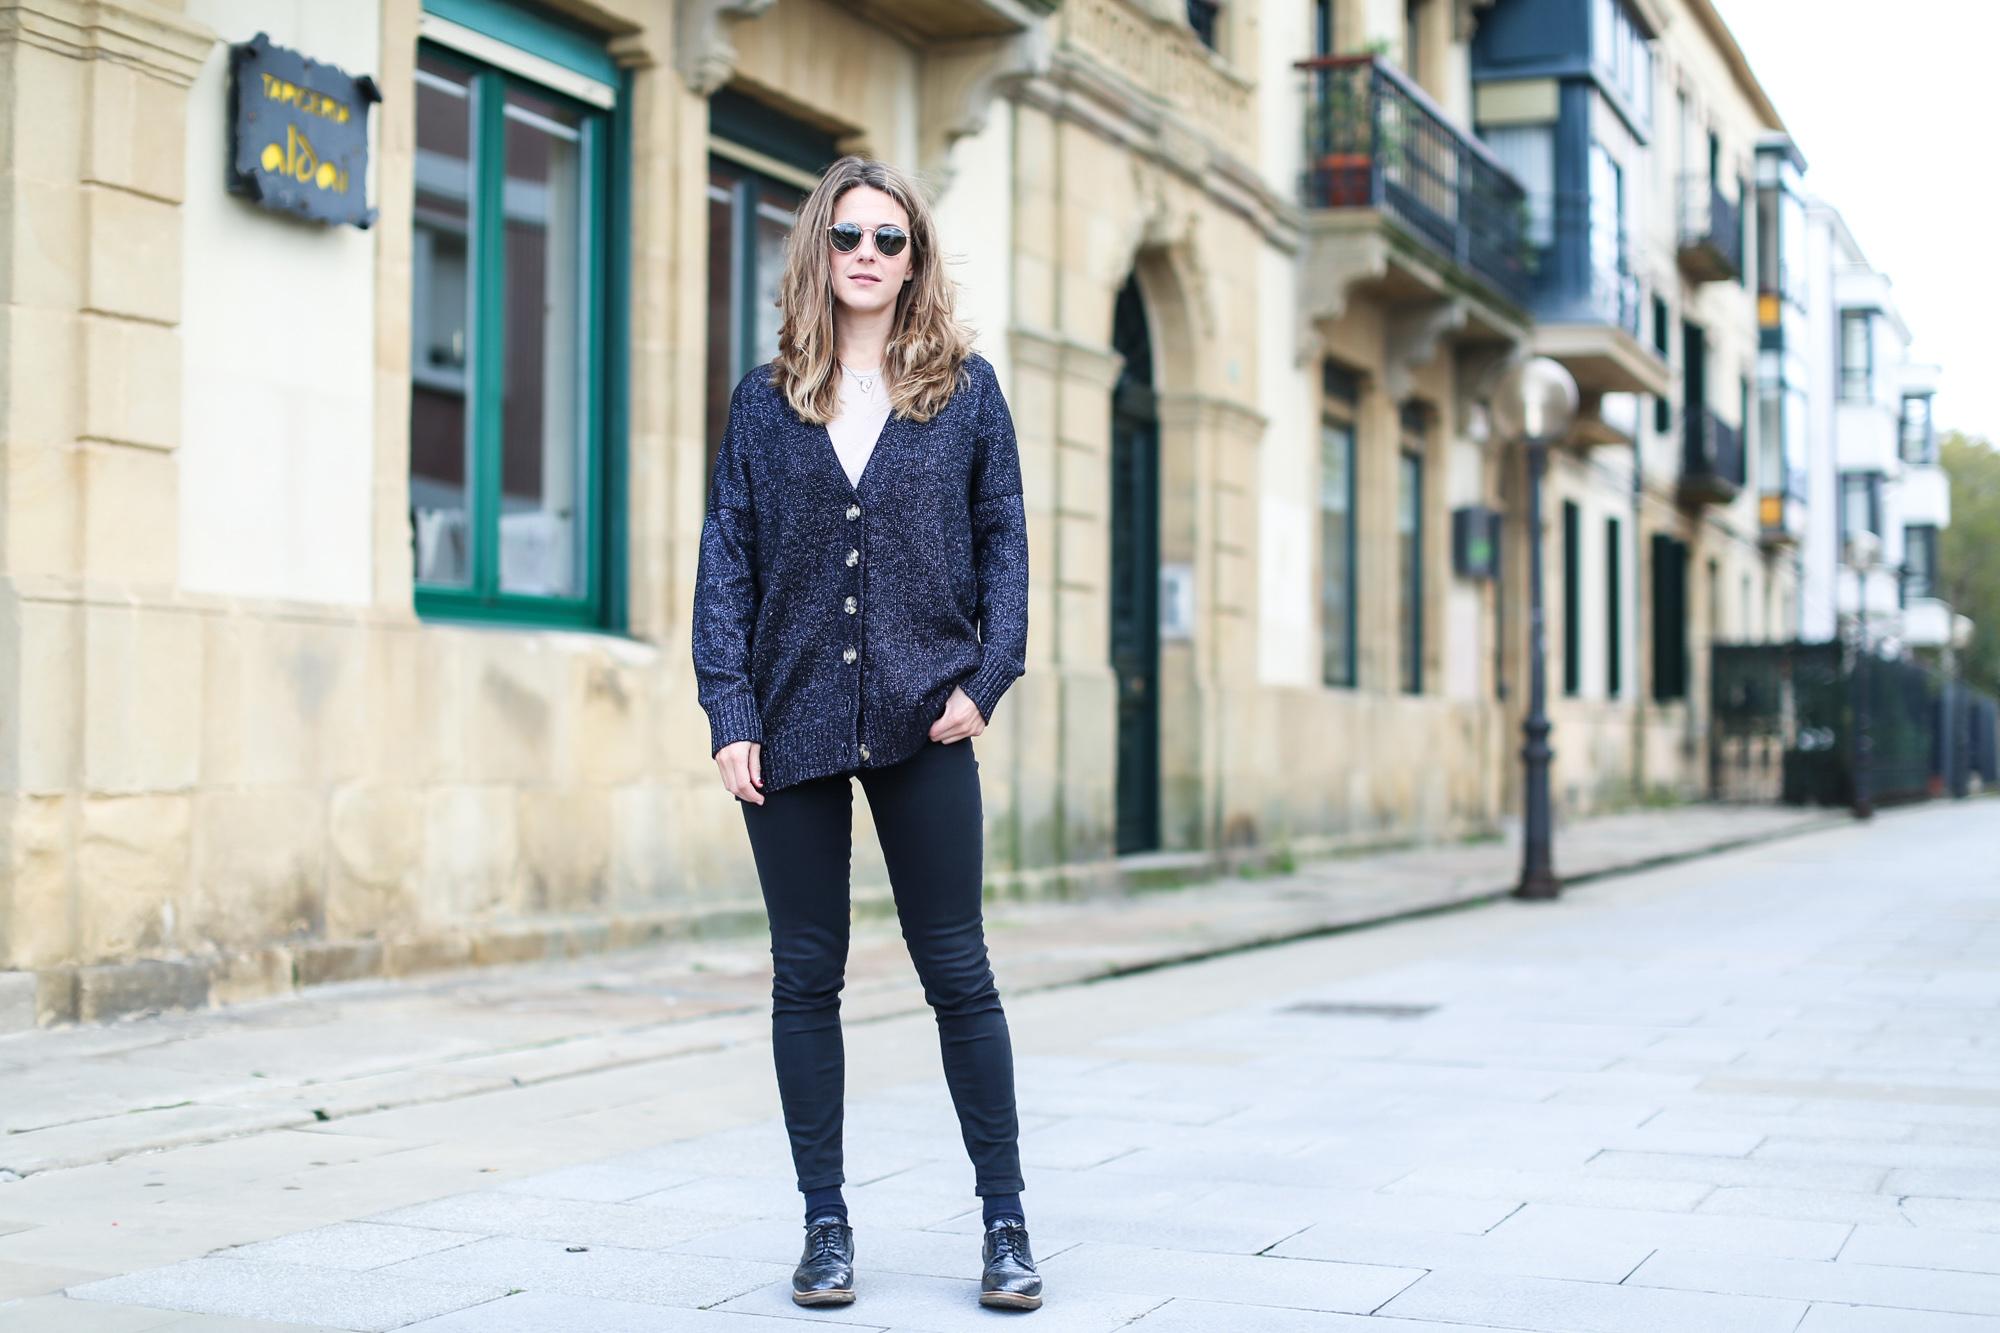 Clochet_streestyle_fashionblogger_topshopjamiejeans_zaranavyglitterknit_furcoat-7